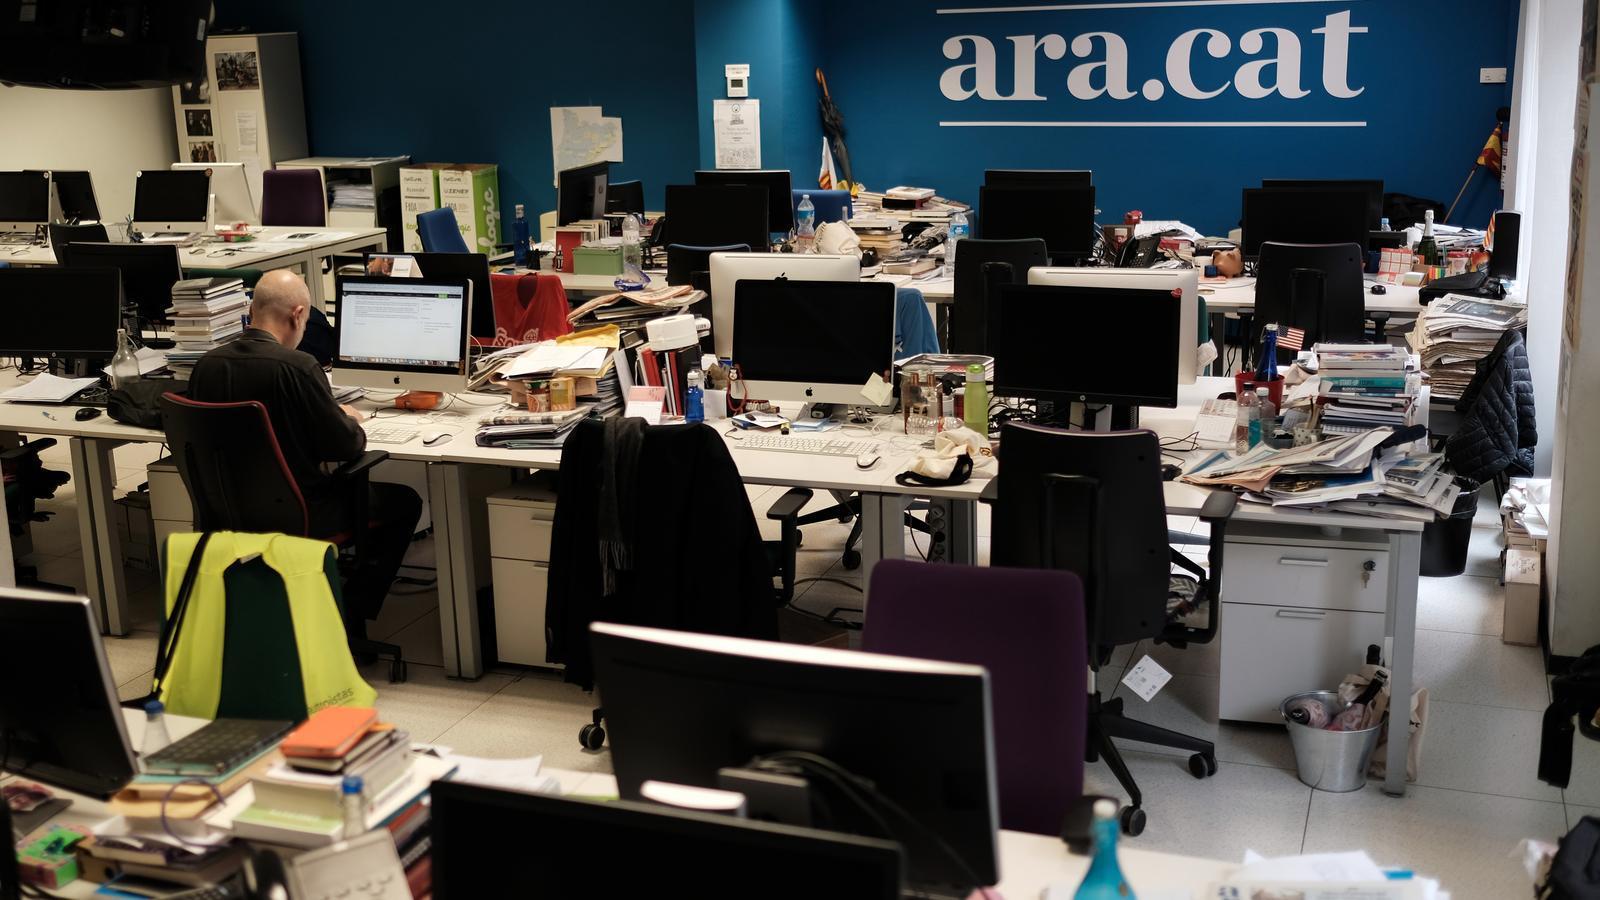 La redacció de l'ARA, en una imatge d'arxiu,  mig buida. Una imatge inusual  a mig matí